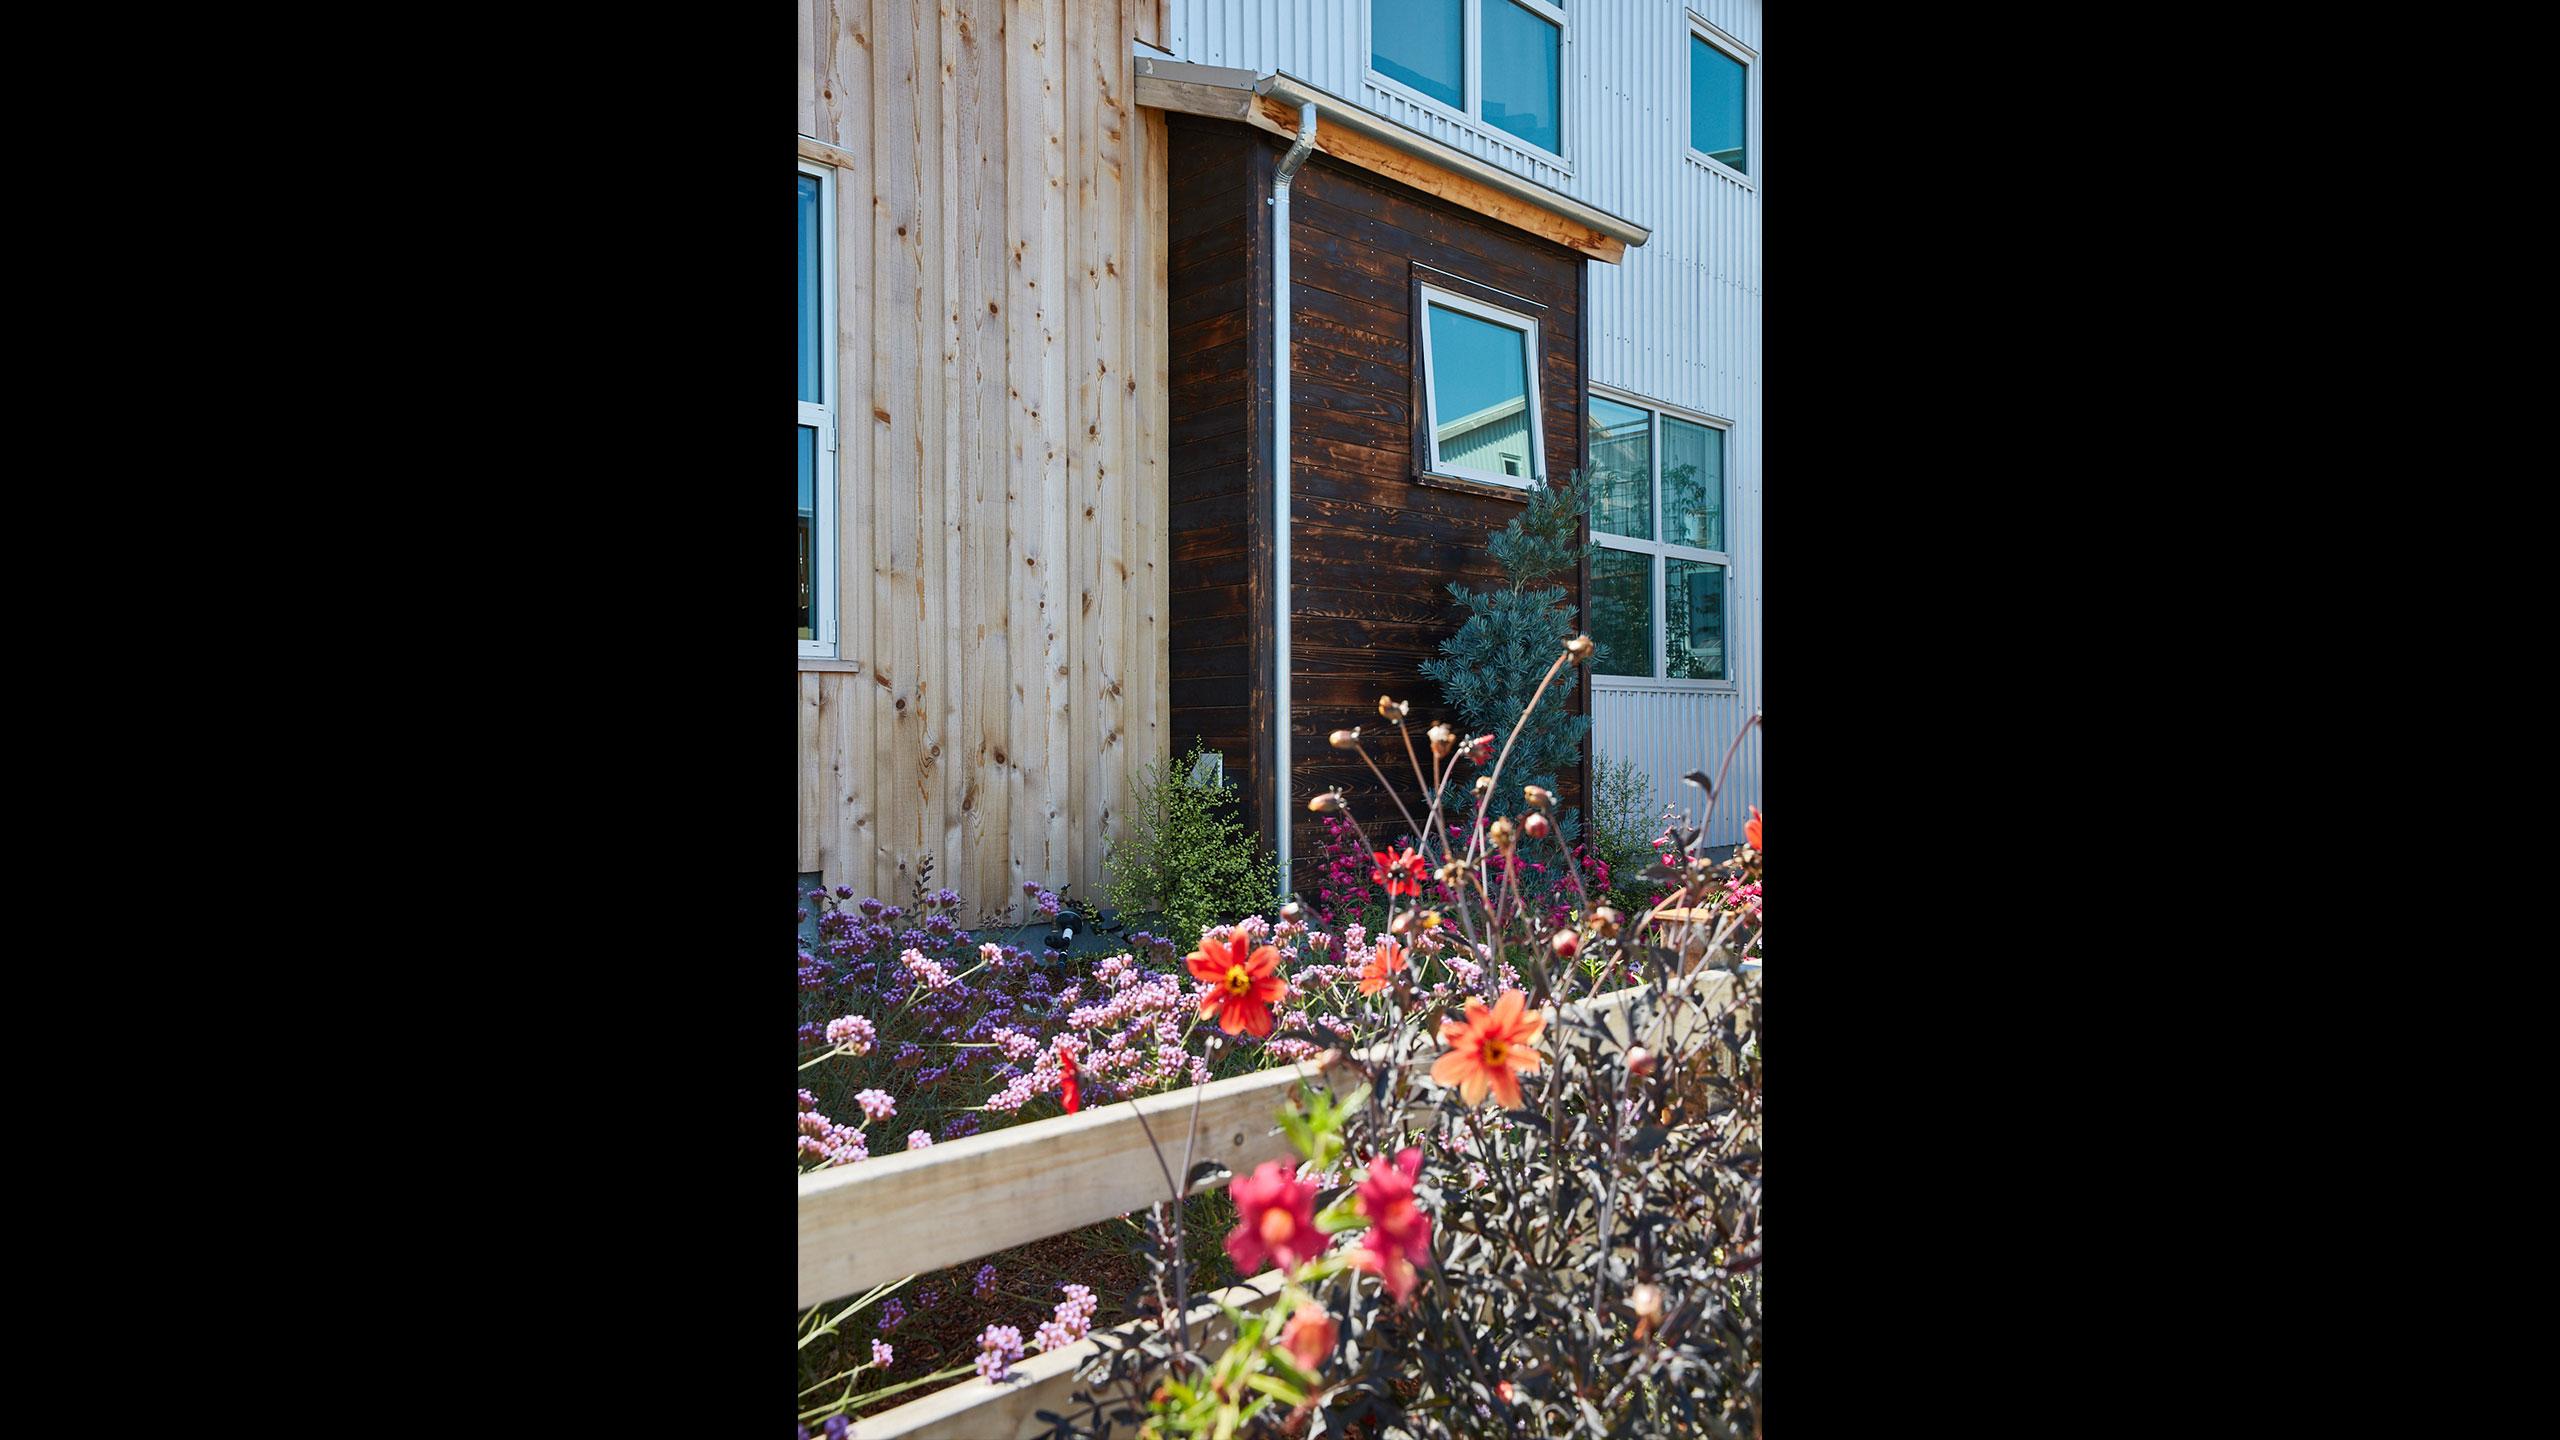 Sustainable-Architecture-Sonoma-County-Keller-Court-blackened-wood-siding-shou-sugi-ban